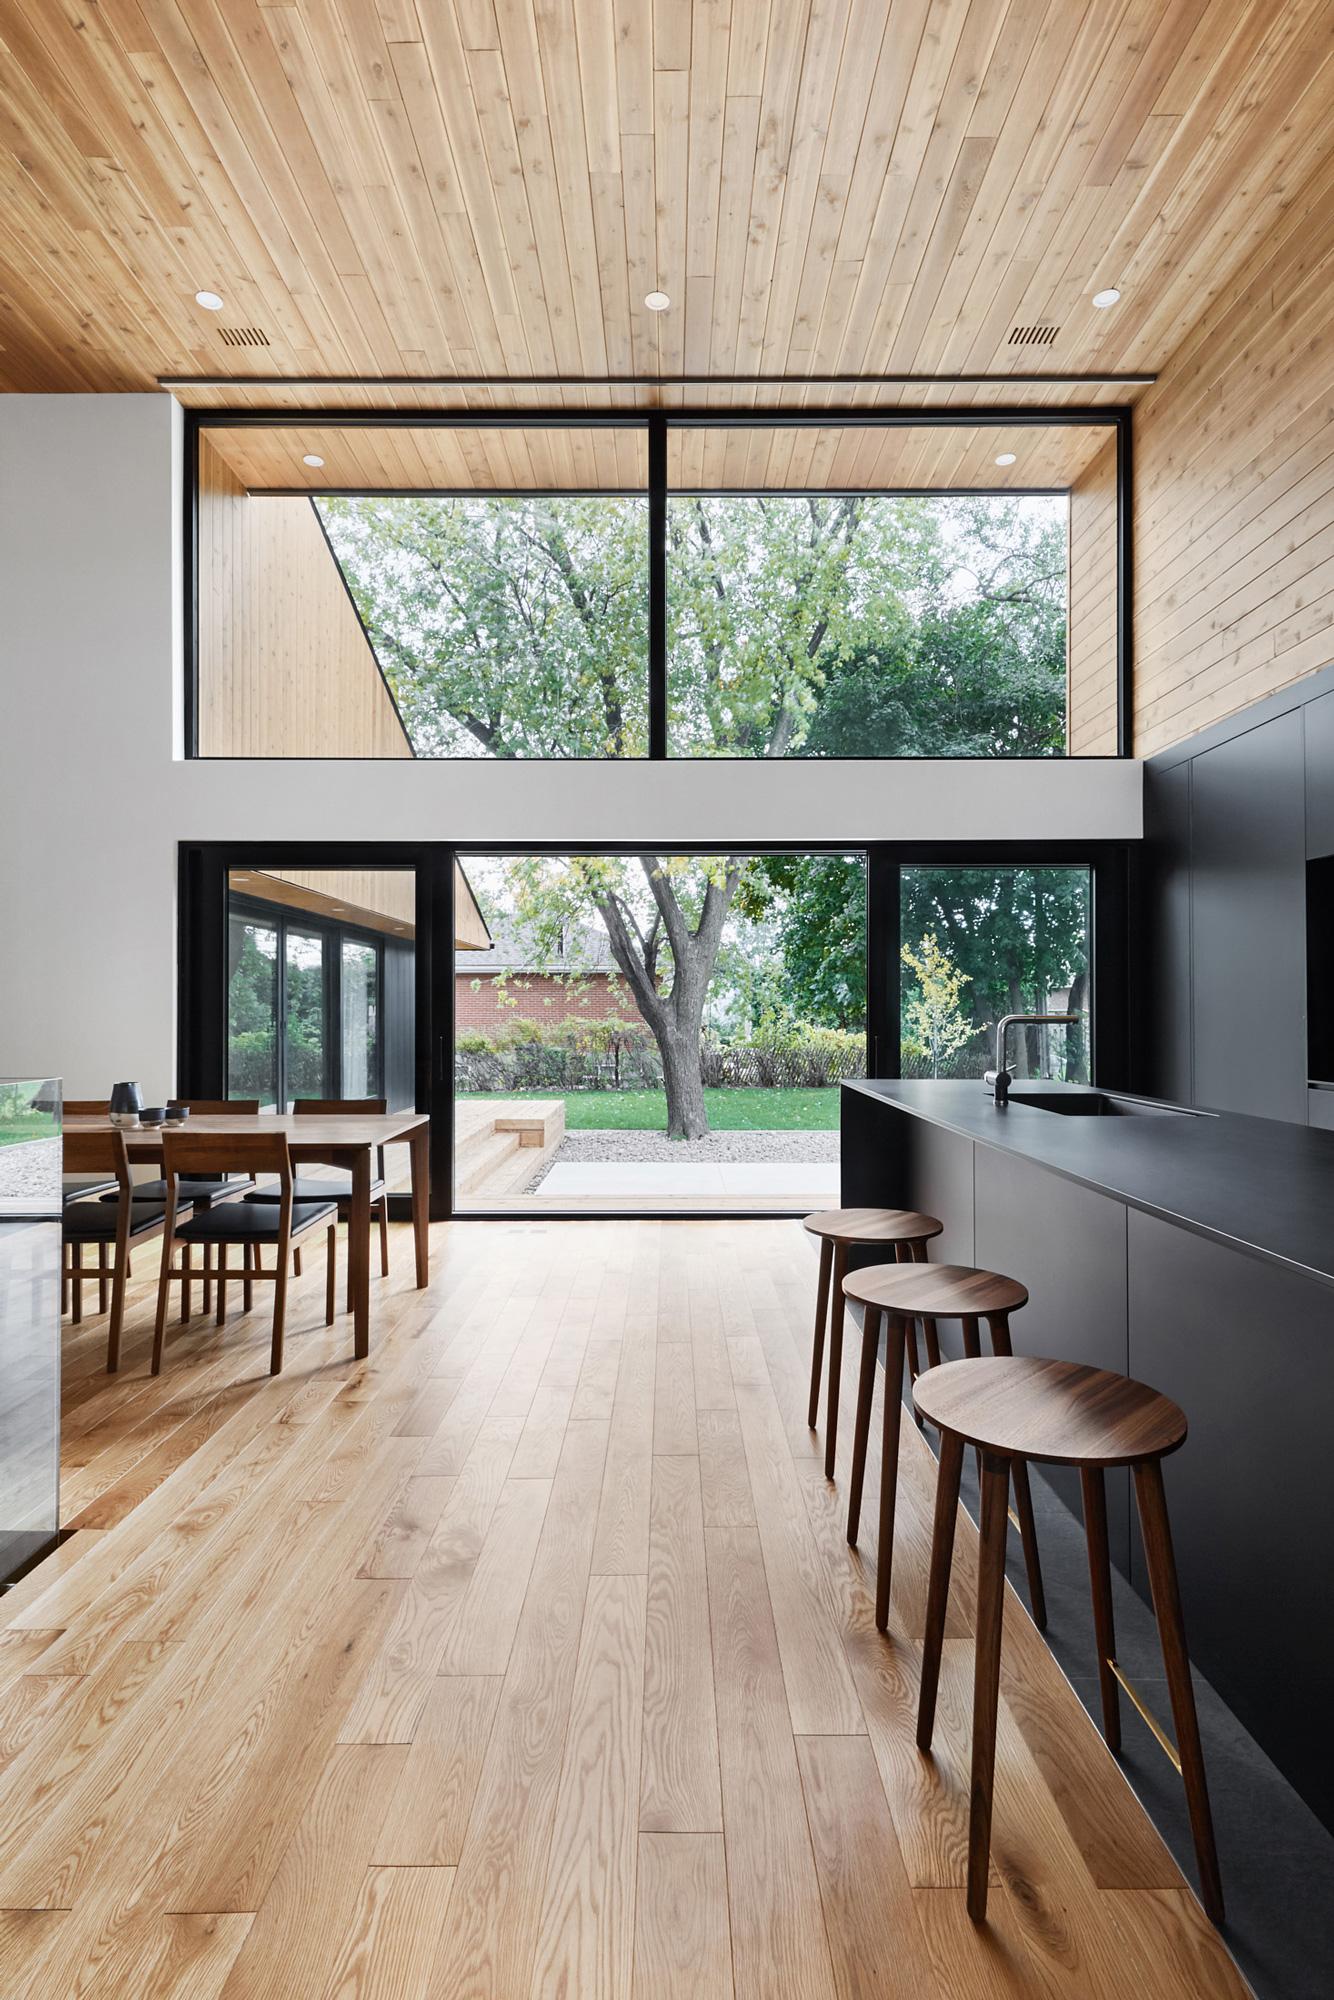 interieur maison bois vue exterieure porte-patio